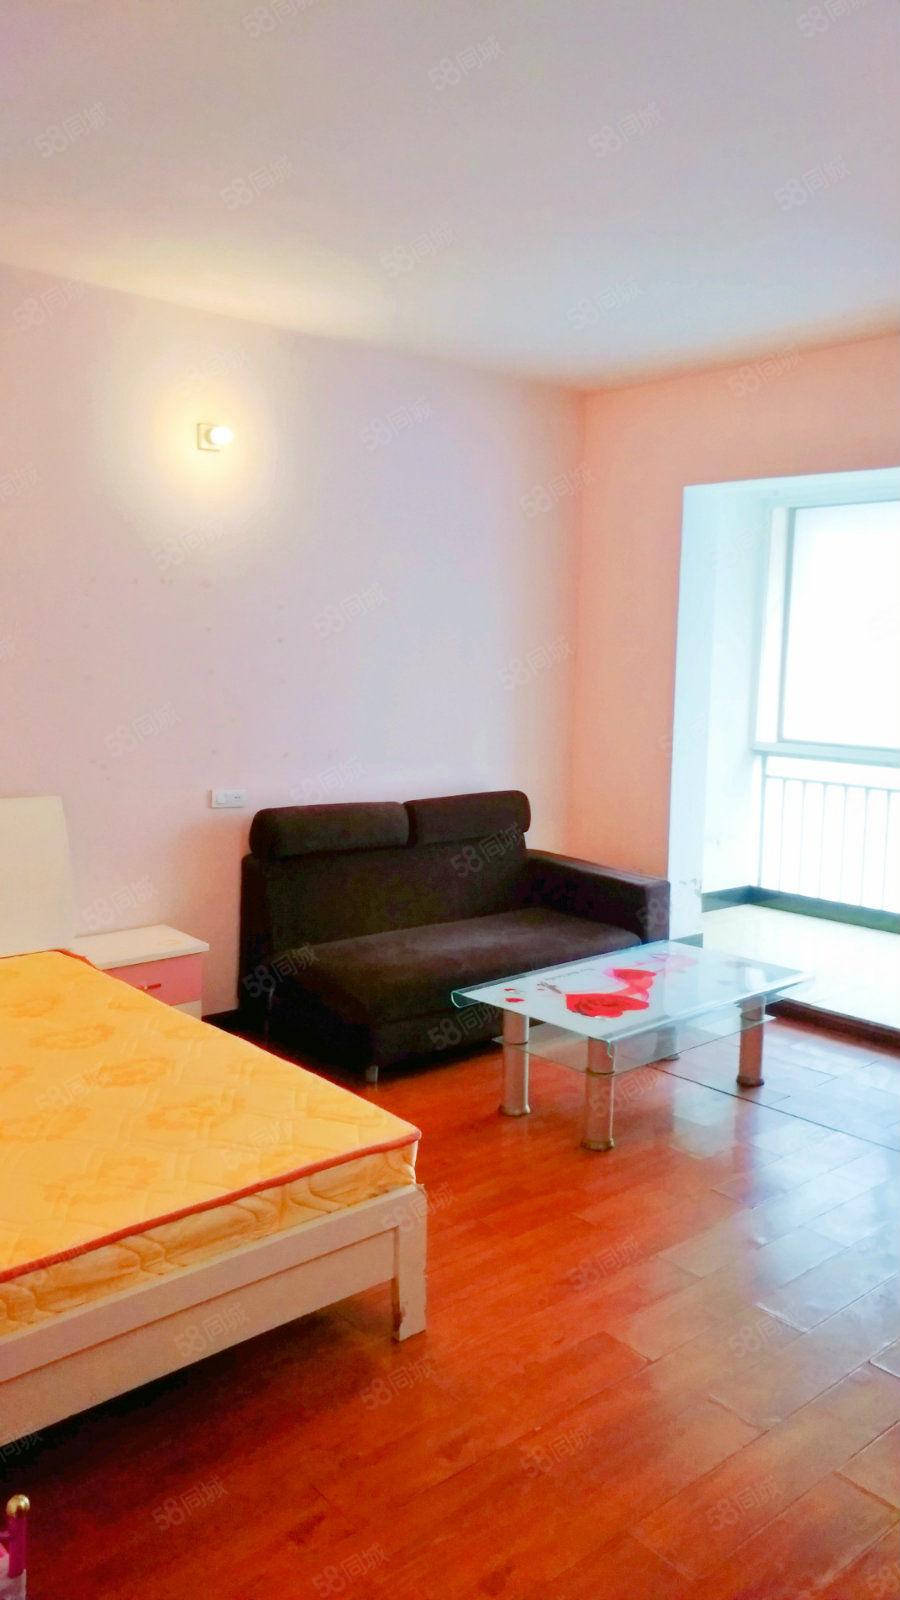 金滩德克士后面新公寓,部分家具家电还能押一付一呢,长短租都行